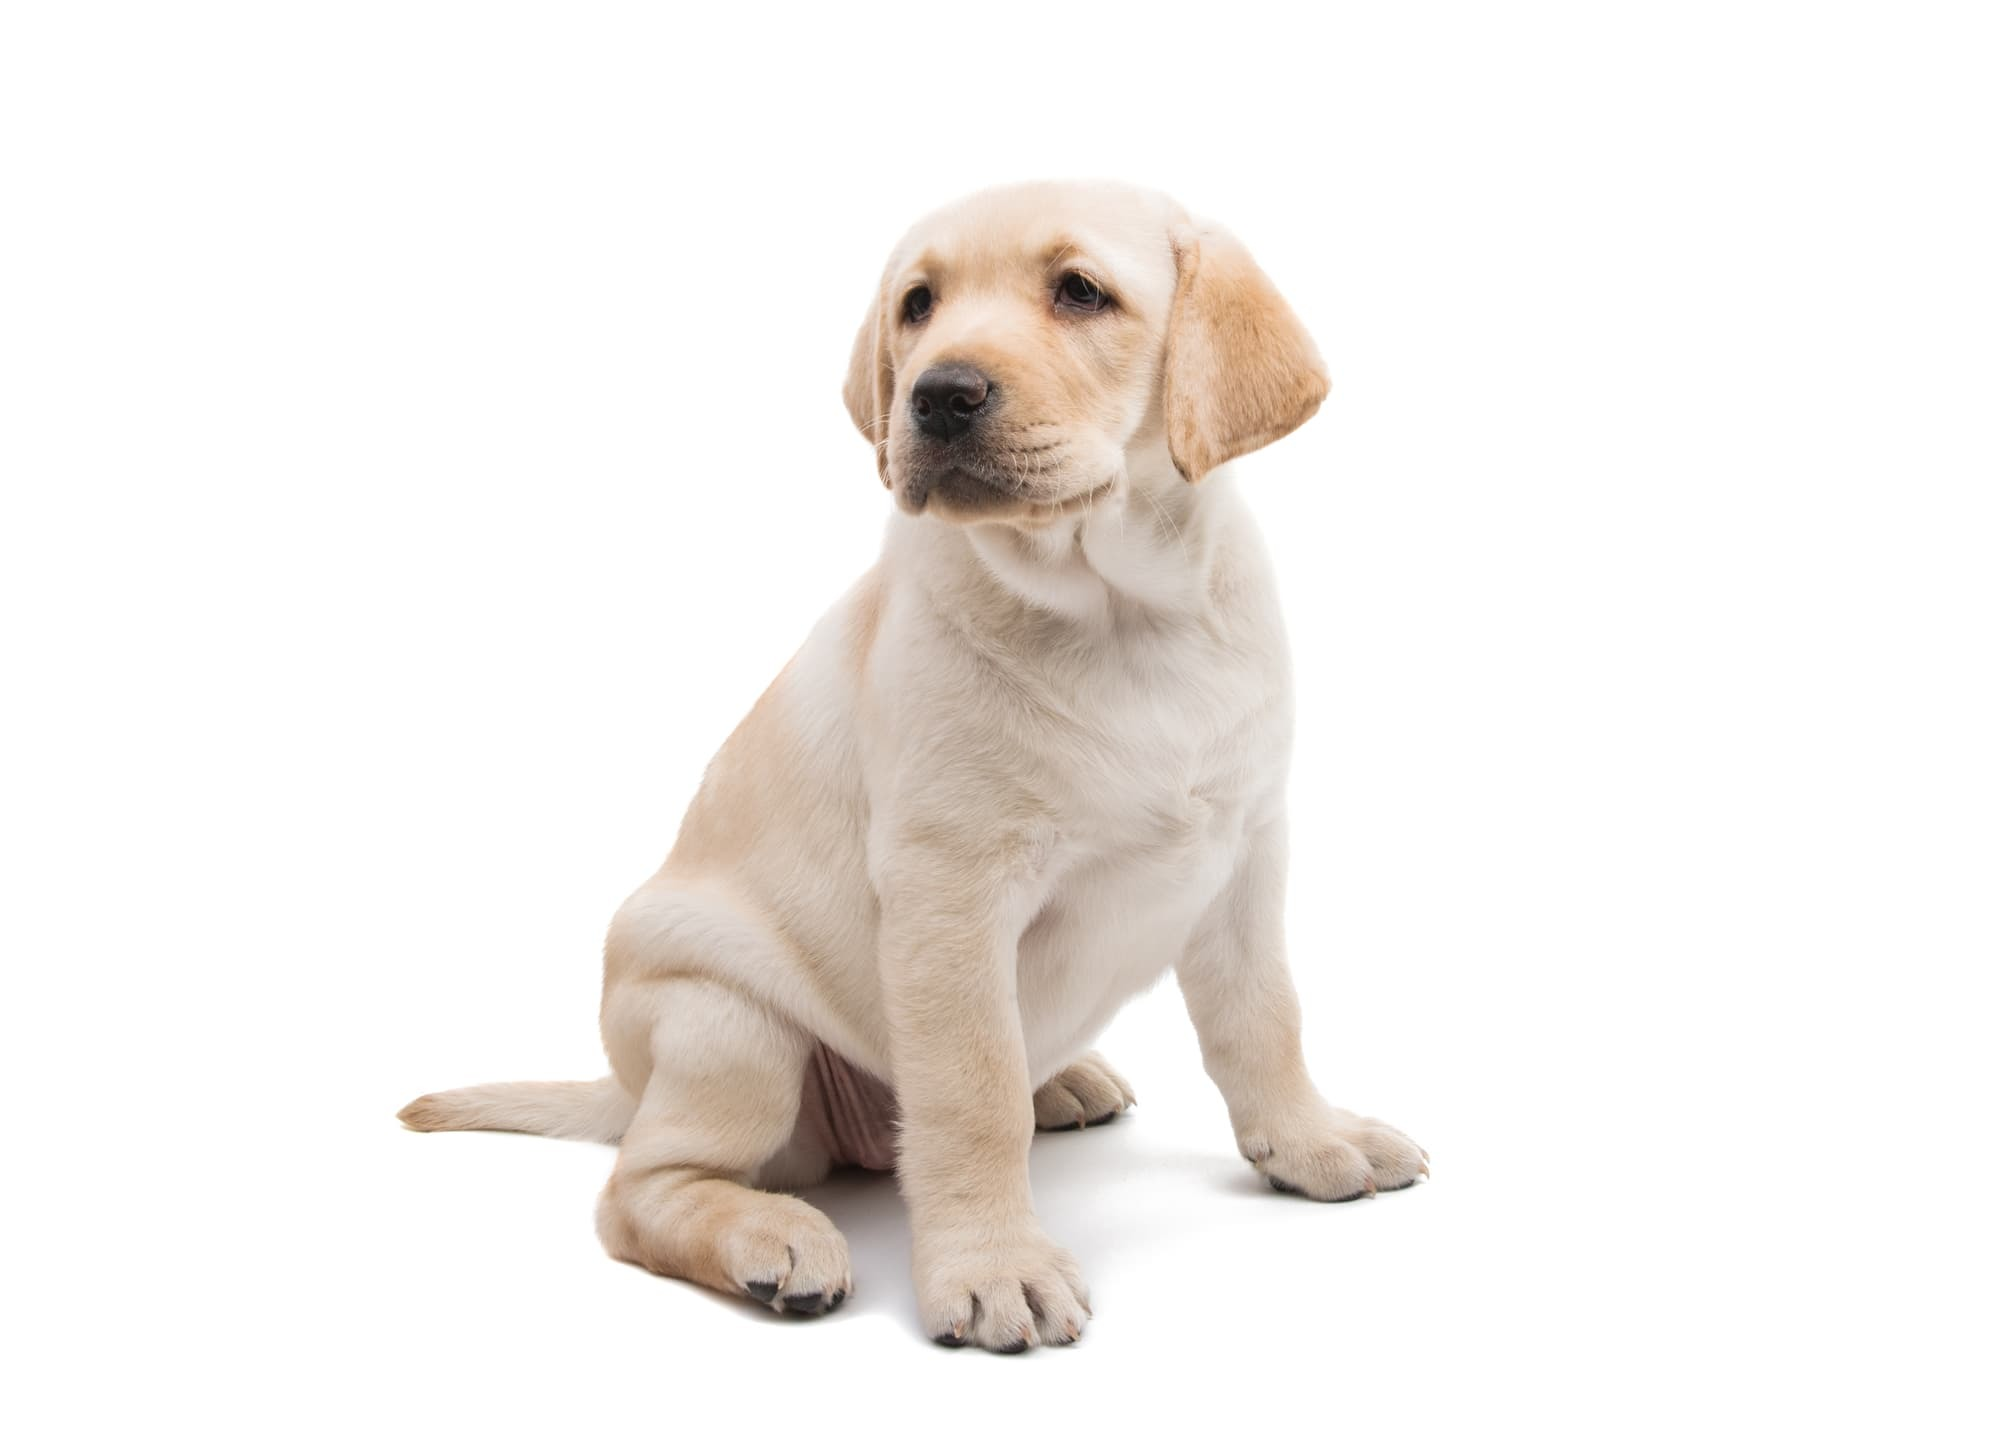 子犬(赤ちゃん)・老犬(シニア犬)の歯科検診は必要?